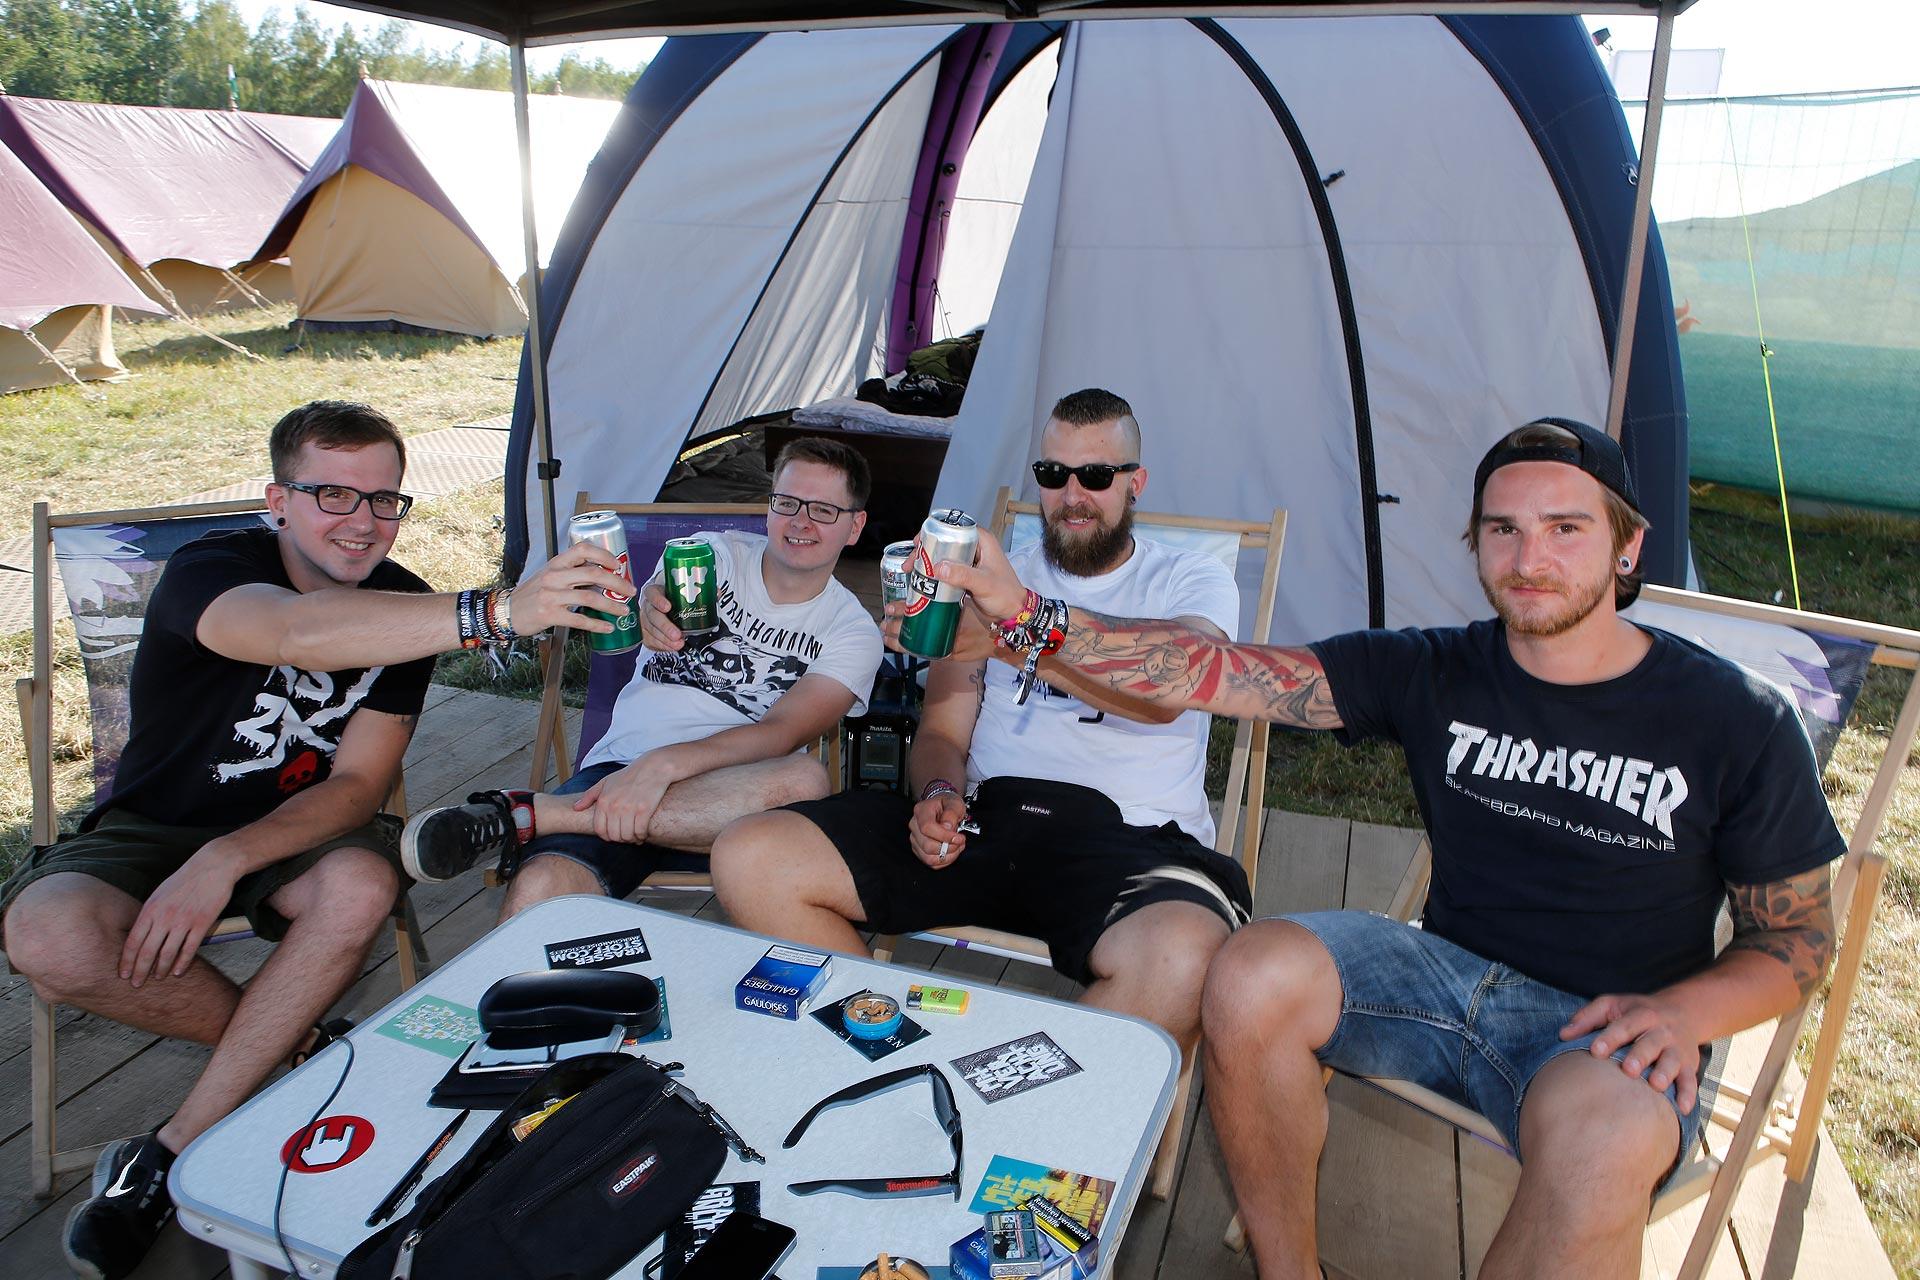 So lässt es sich aushalten: auf dem Edelcampingplatz trinken die Besucher gekühltes Bier.